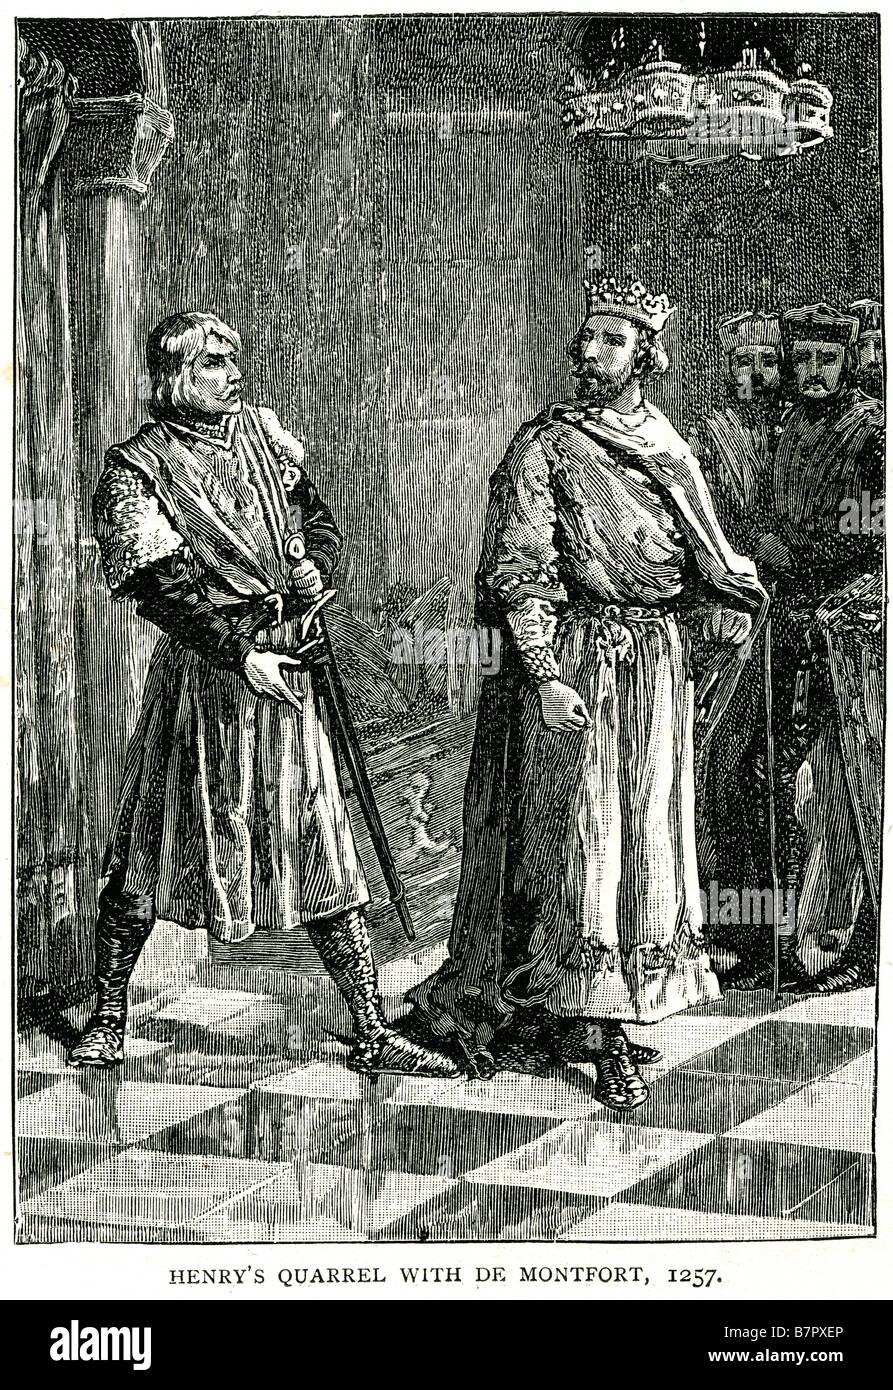 Hennry Quarrel De Montfort 1257 Court royal king Henry of Antioch (b. 1198-1217, d. June, 1276),[1] alternately - Stock Image